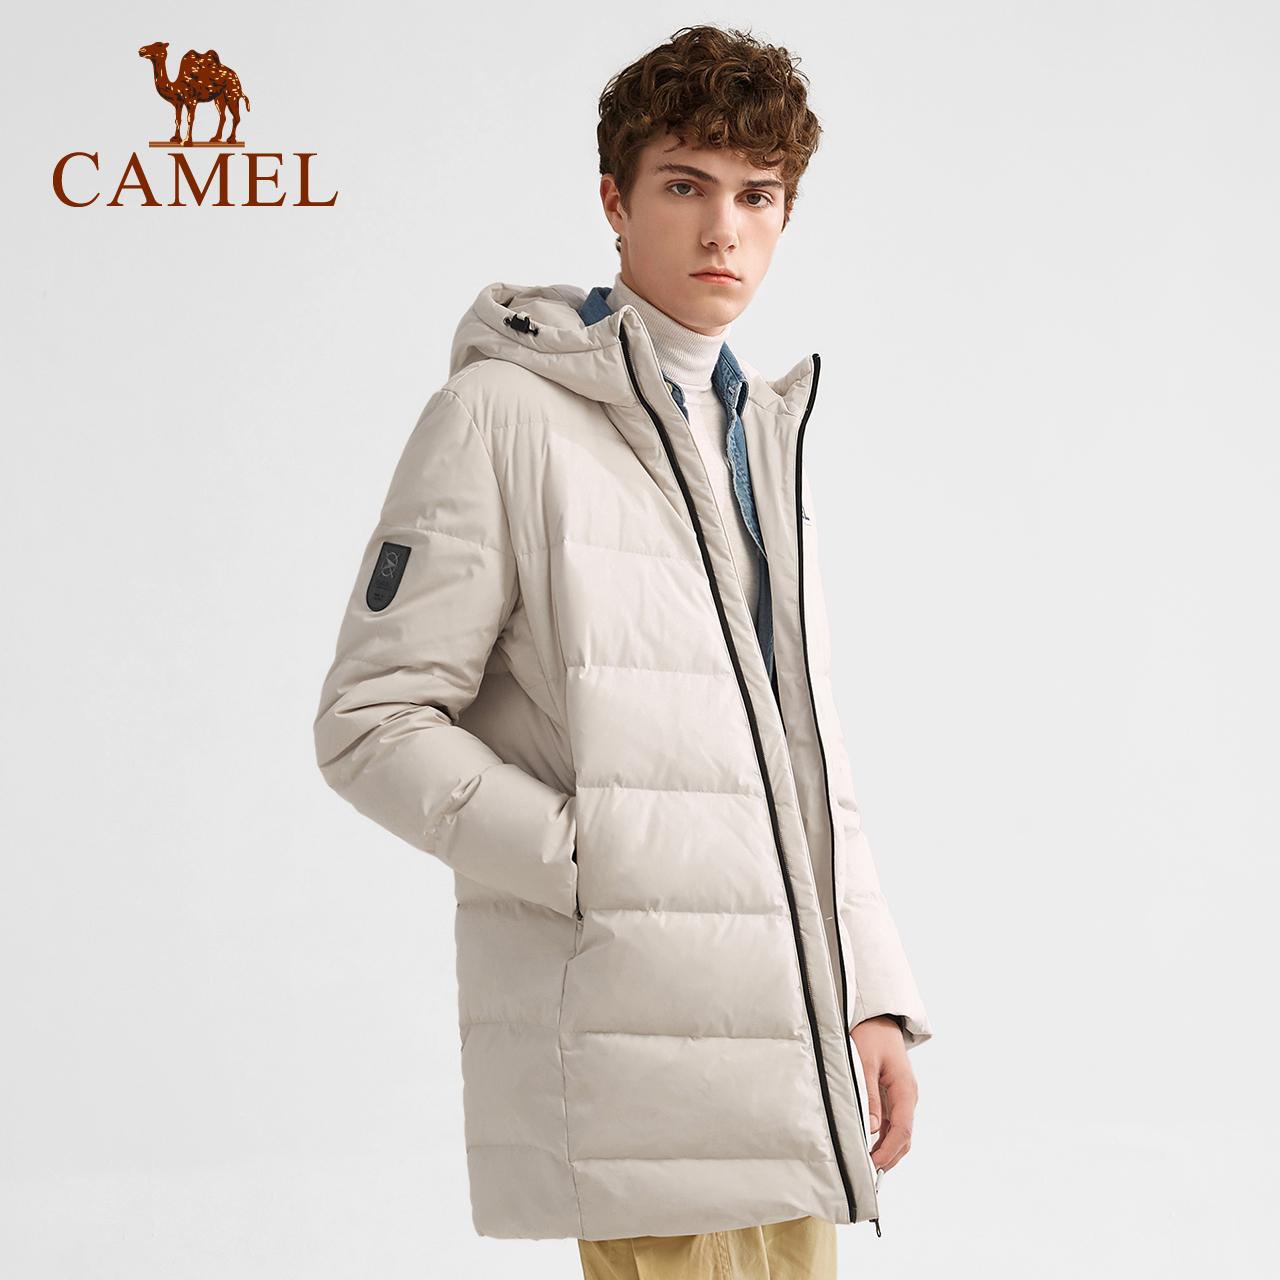 骆驼户外羽绒服连帽中长款冬新款保暖韩版男女加厚运动羽绒服外套